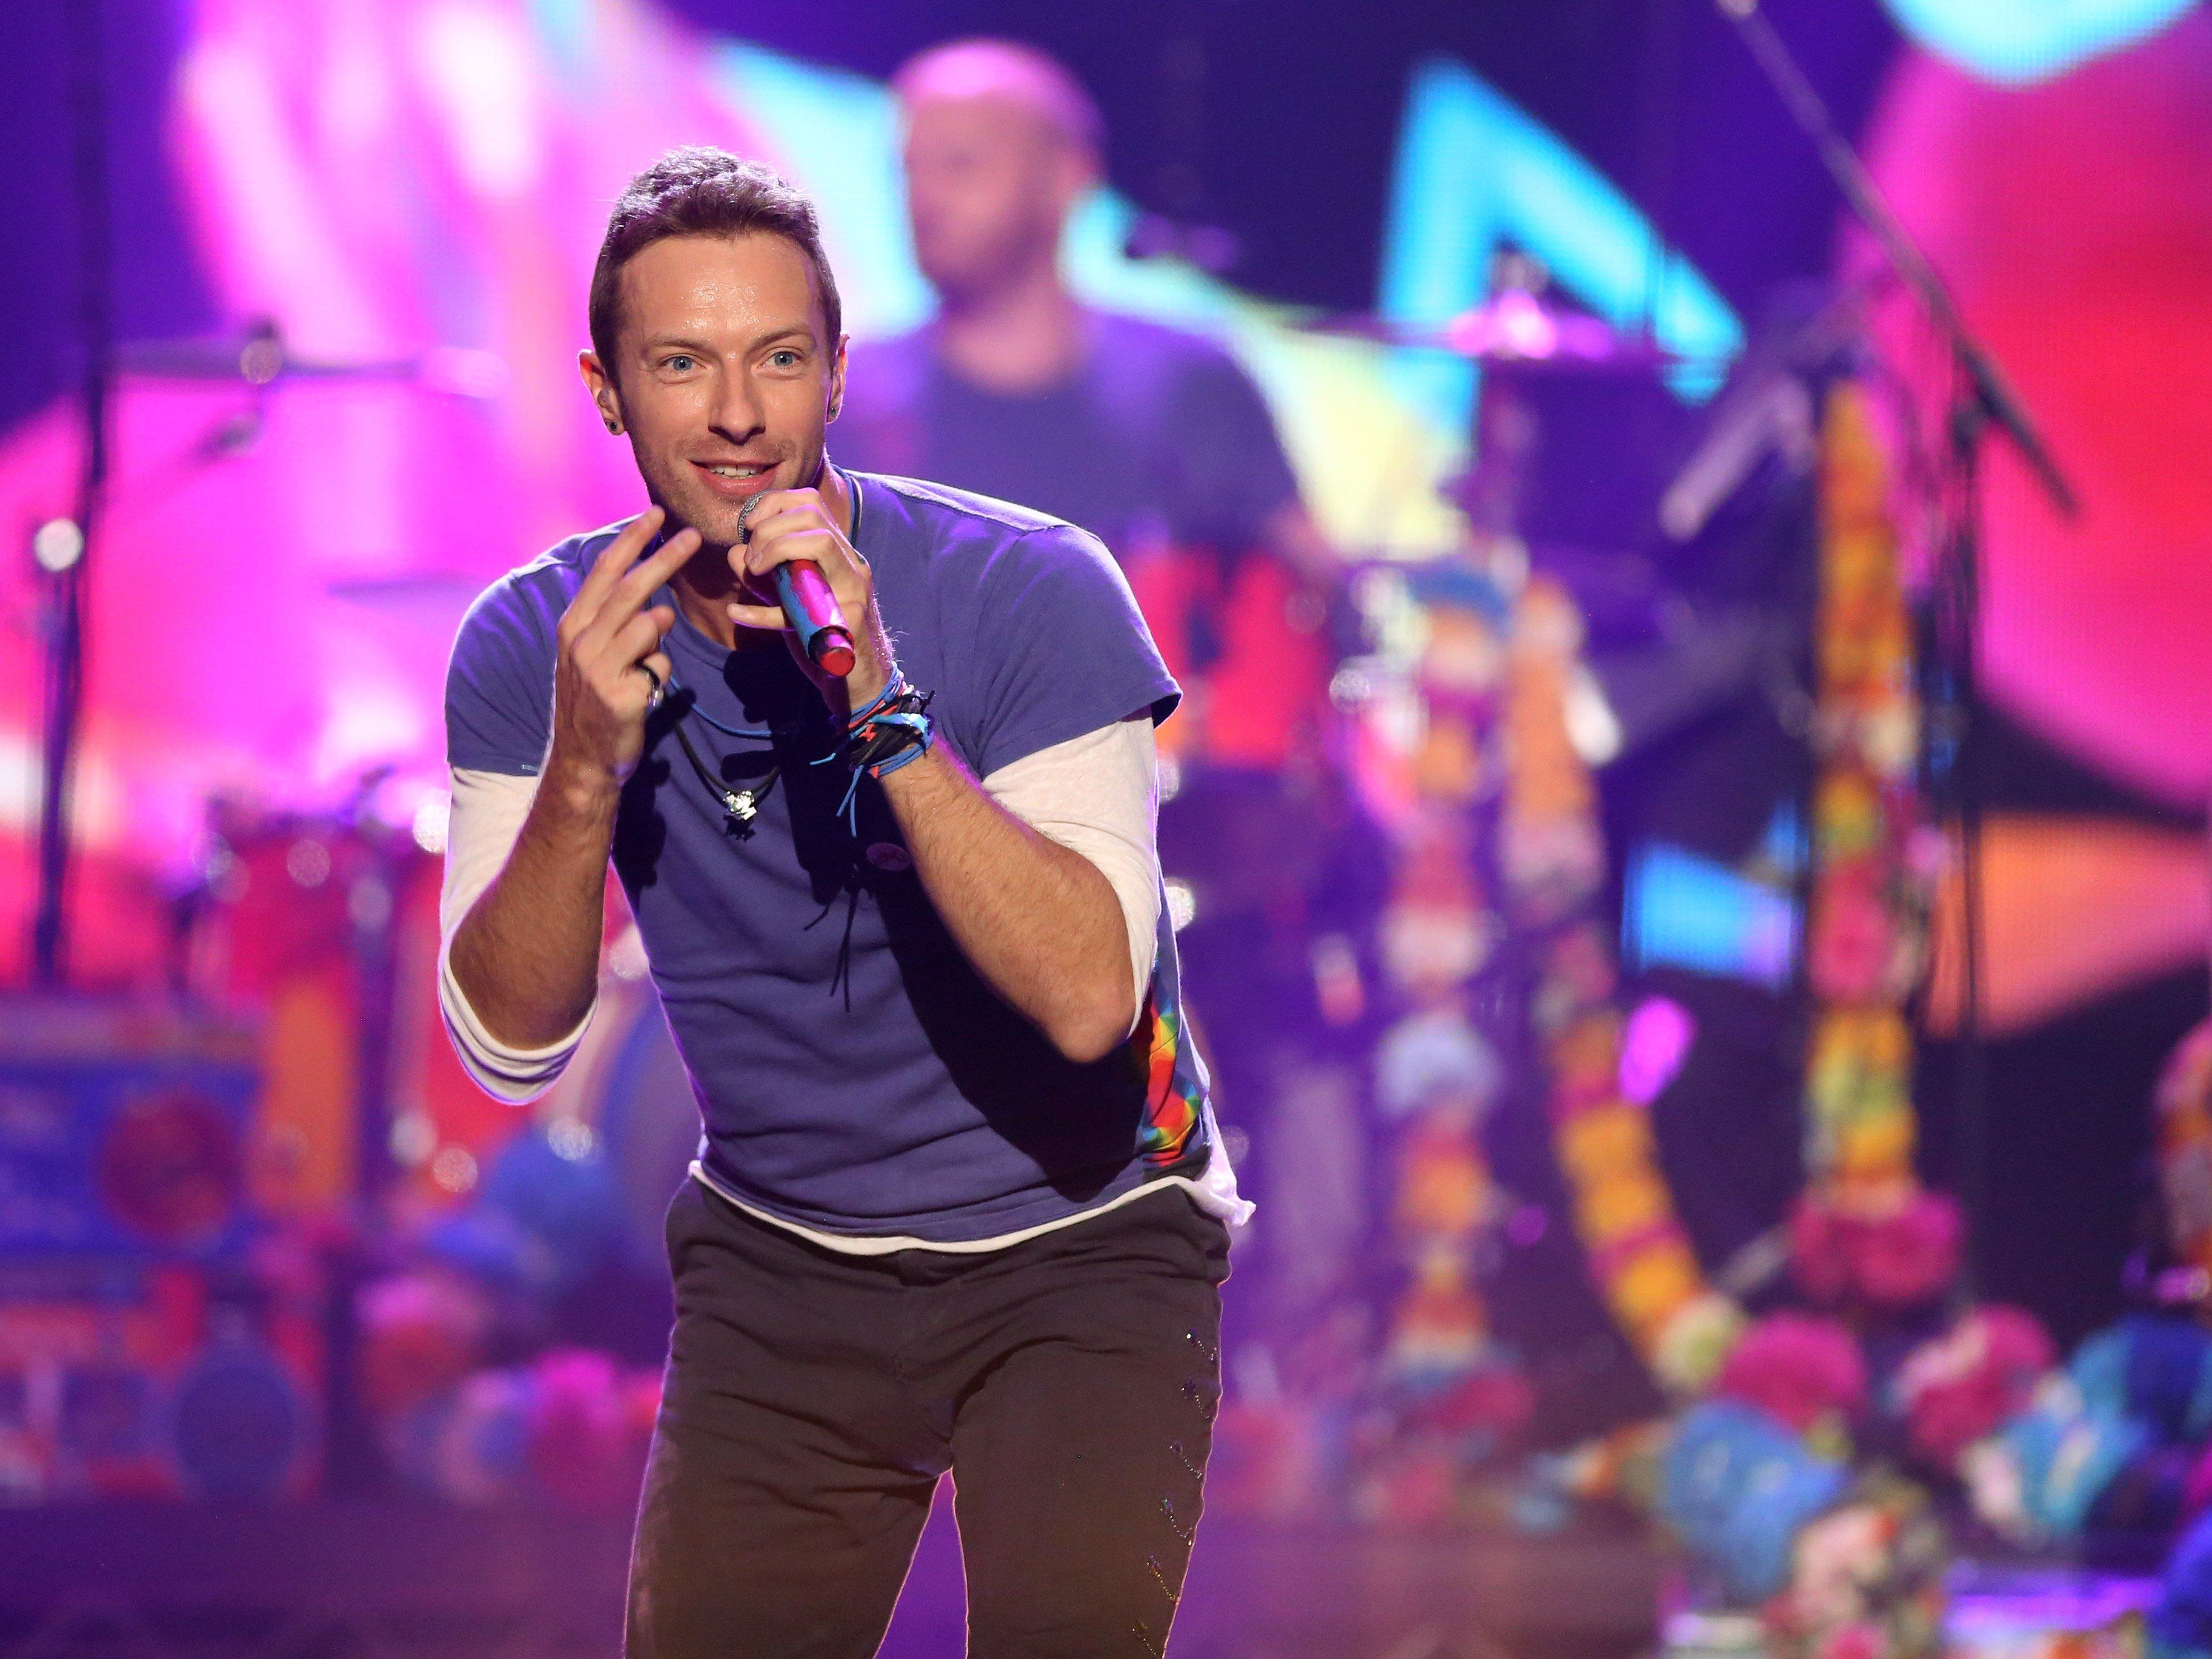 Coldplay-Sänger Chris Martin bat bei einem Konzert die falsche Frau für einen Heiratsantrag eines Fans auf die Bühne.